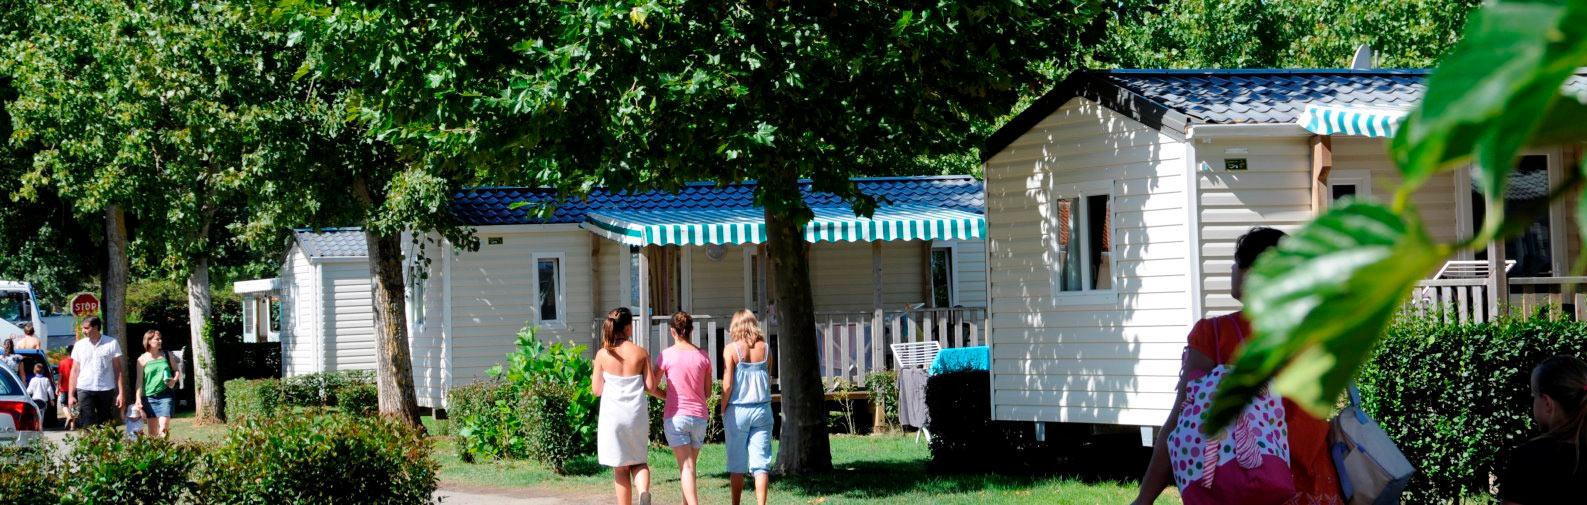 VACAF : des vacances à petit prix grâce à des aides financières